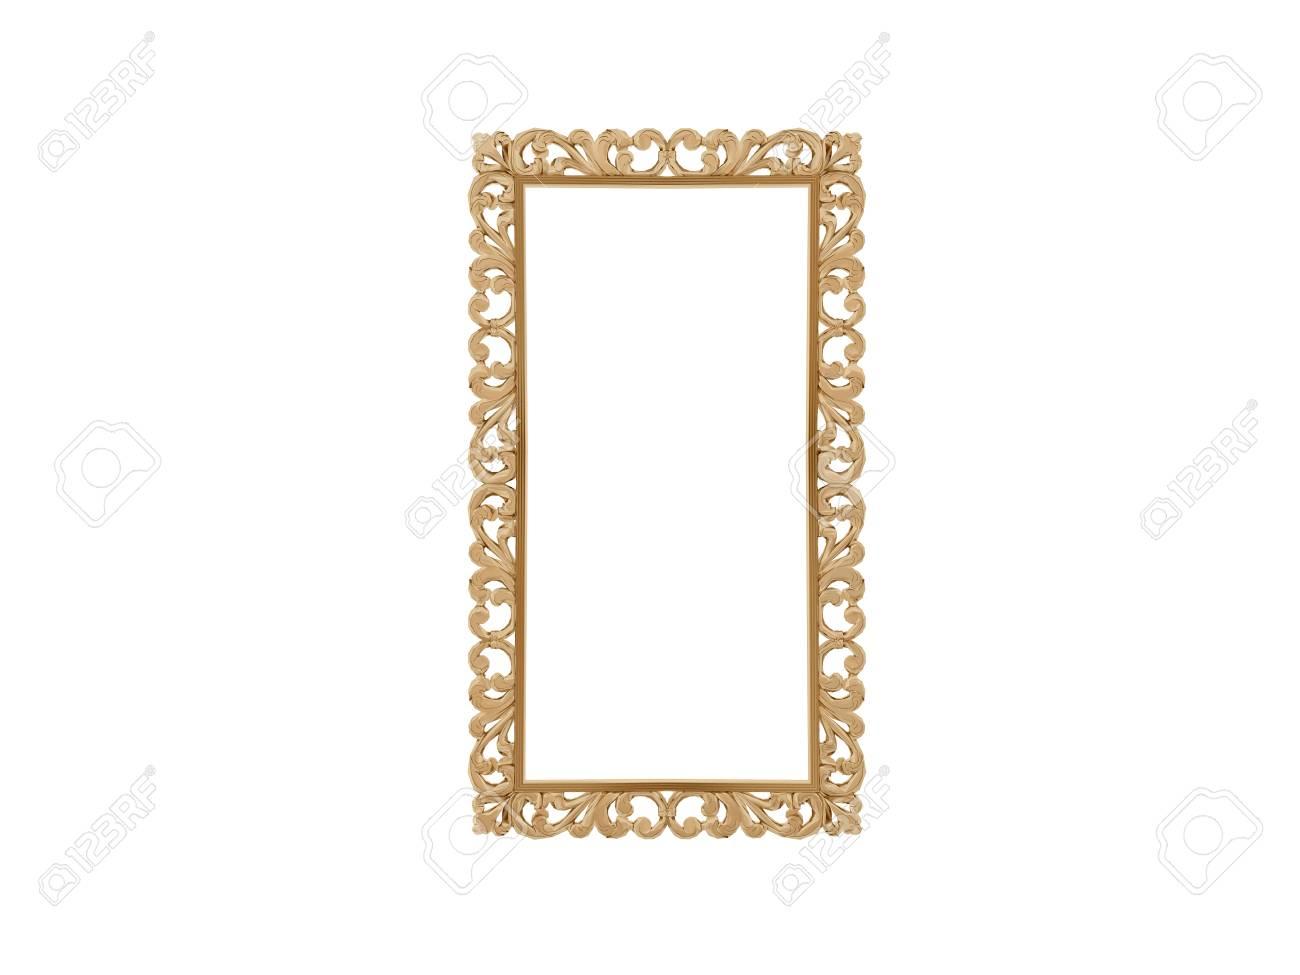 Goldenen Vintage-Rahmen. Antike Spiegel. Design Retro-Element ...